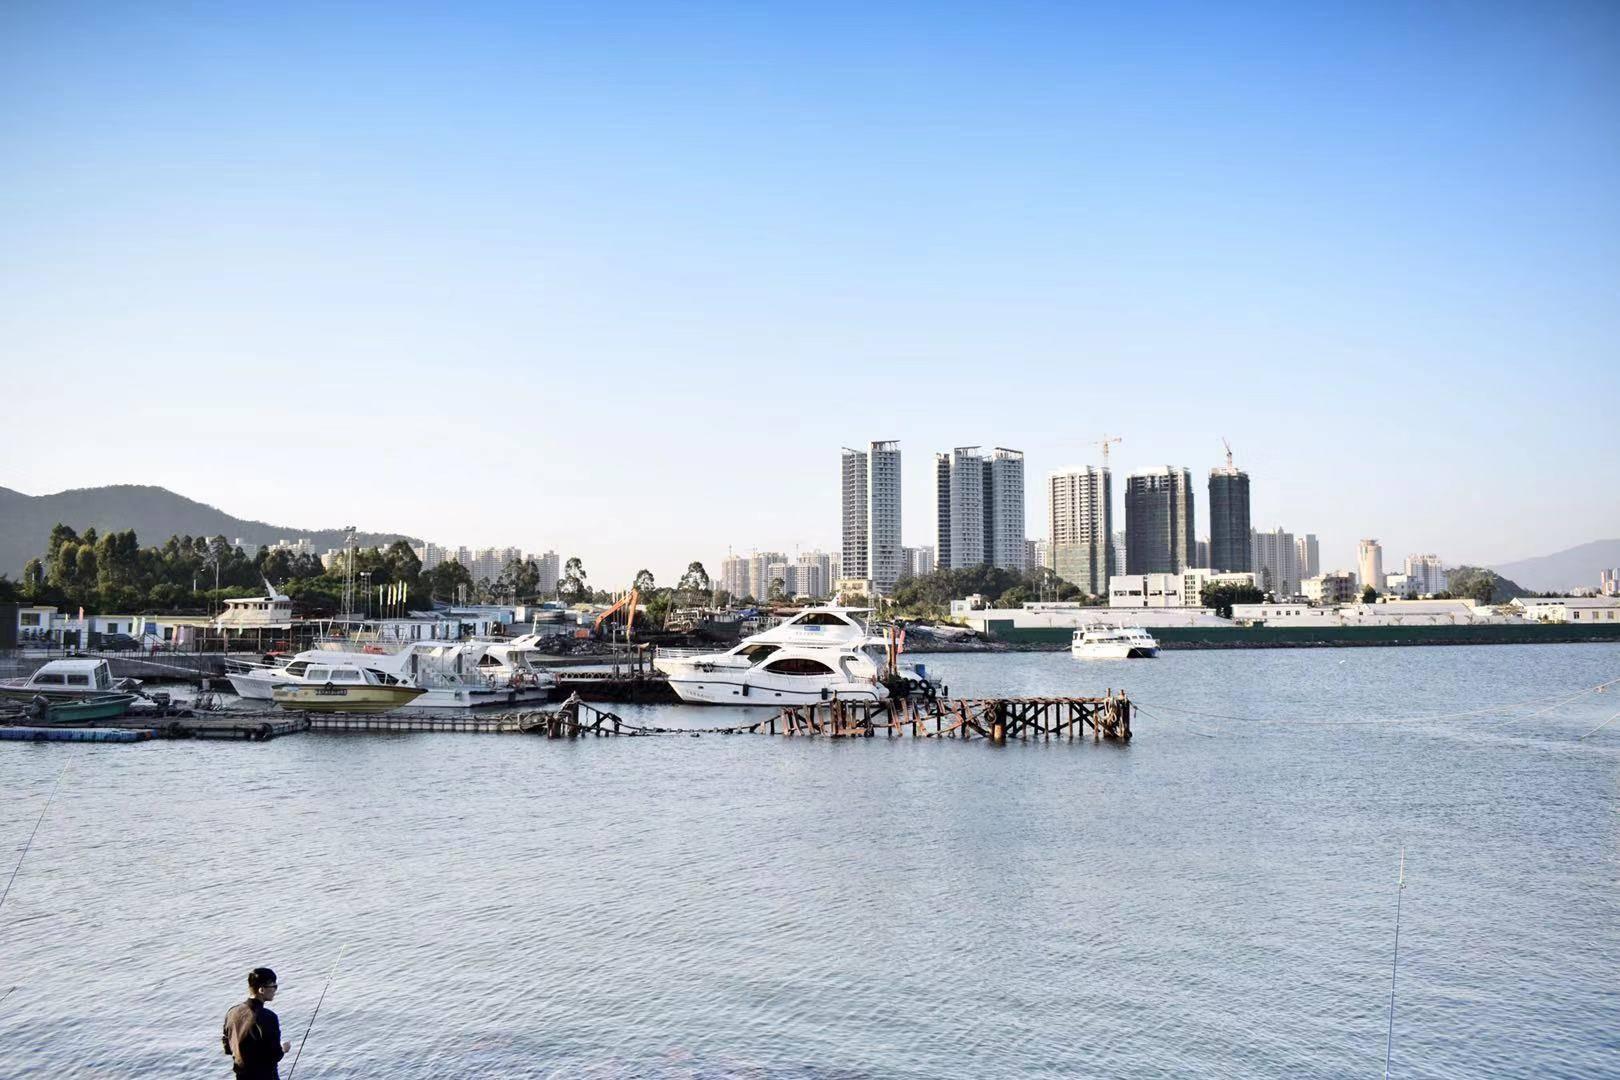 【惠州~大亚湾】全年不加收!抢疯了!99元秒杀大亚湾阿凡提精品度假公寓北欧大/双床房!玩转红树林公园+渔人码头+海边绿道,还可以海钓哟!